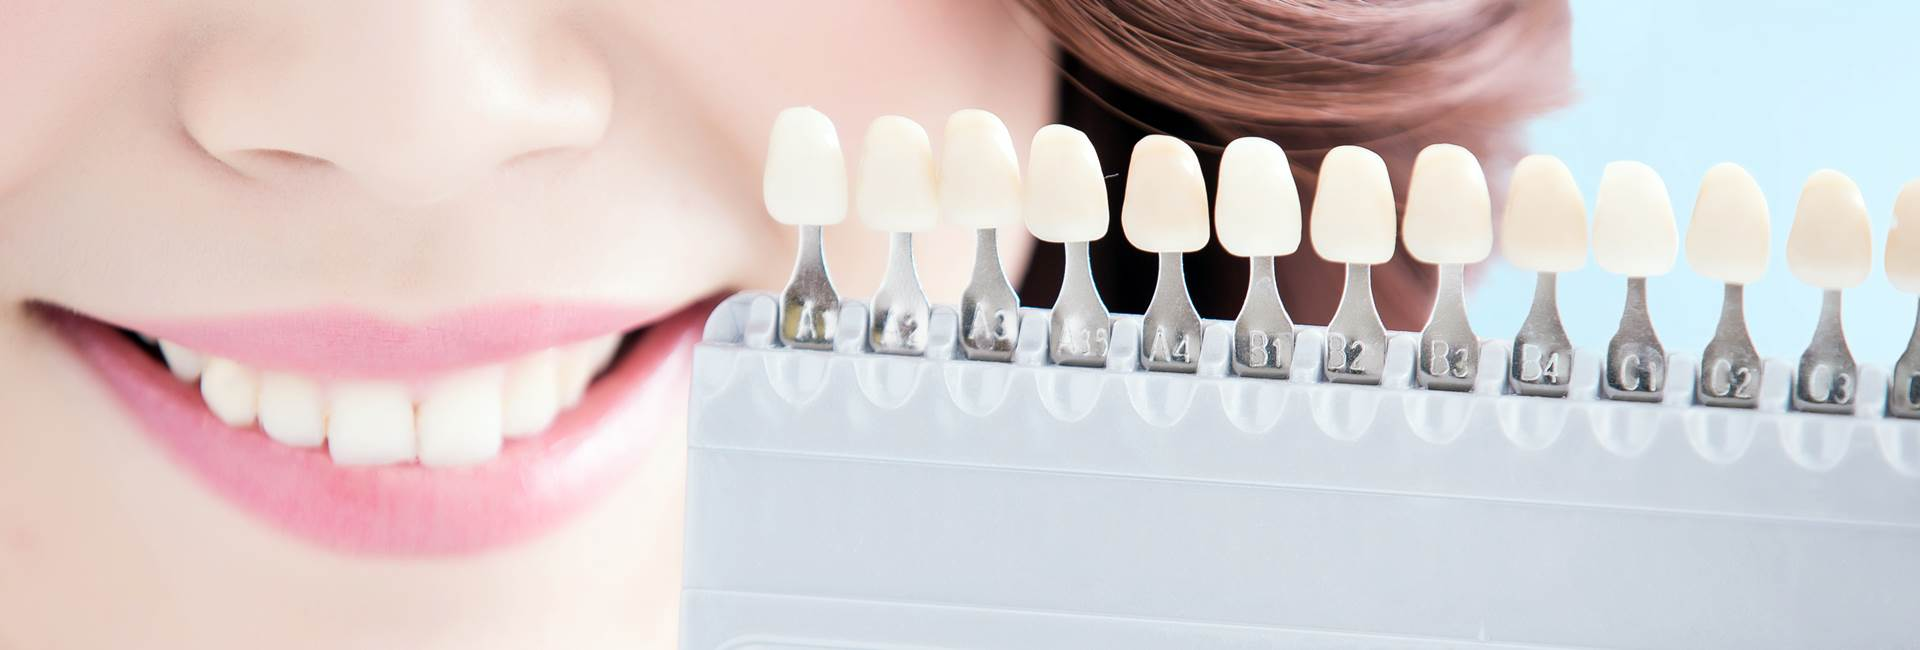 Ästhetische Zahnheilkunde